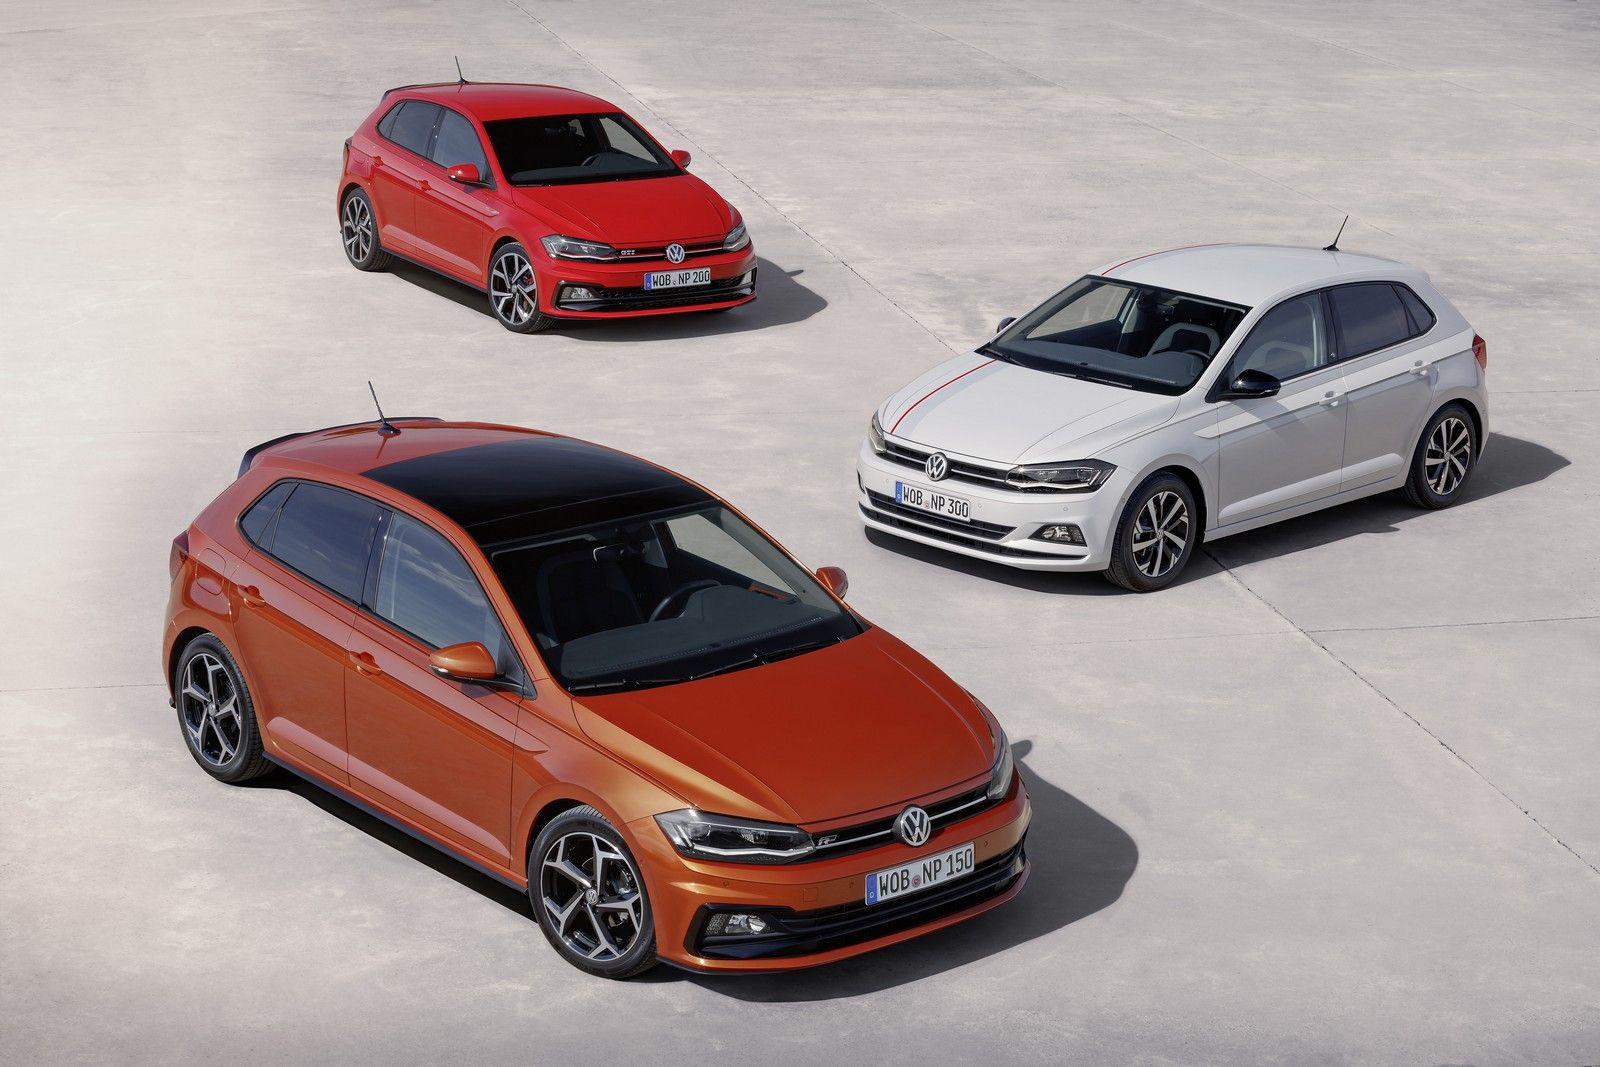 Volkswagen Polo Techno Galore New Car Models 2019 Car Reviews Car Models Miniature Cars Volkswagen Polo Volkswagen Polo Gti Vw Polo Gti